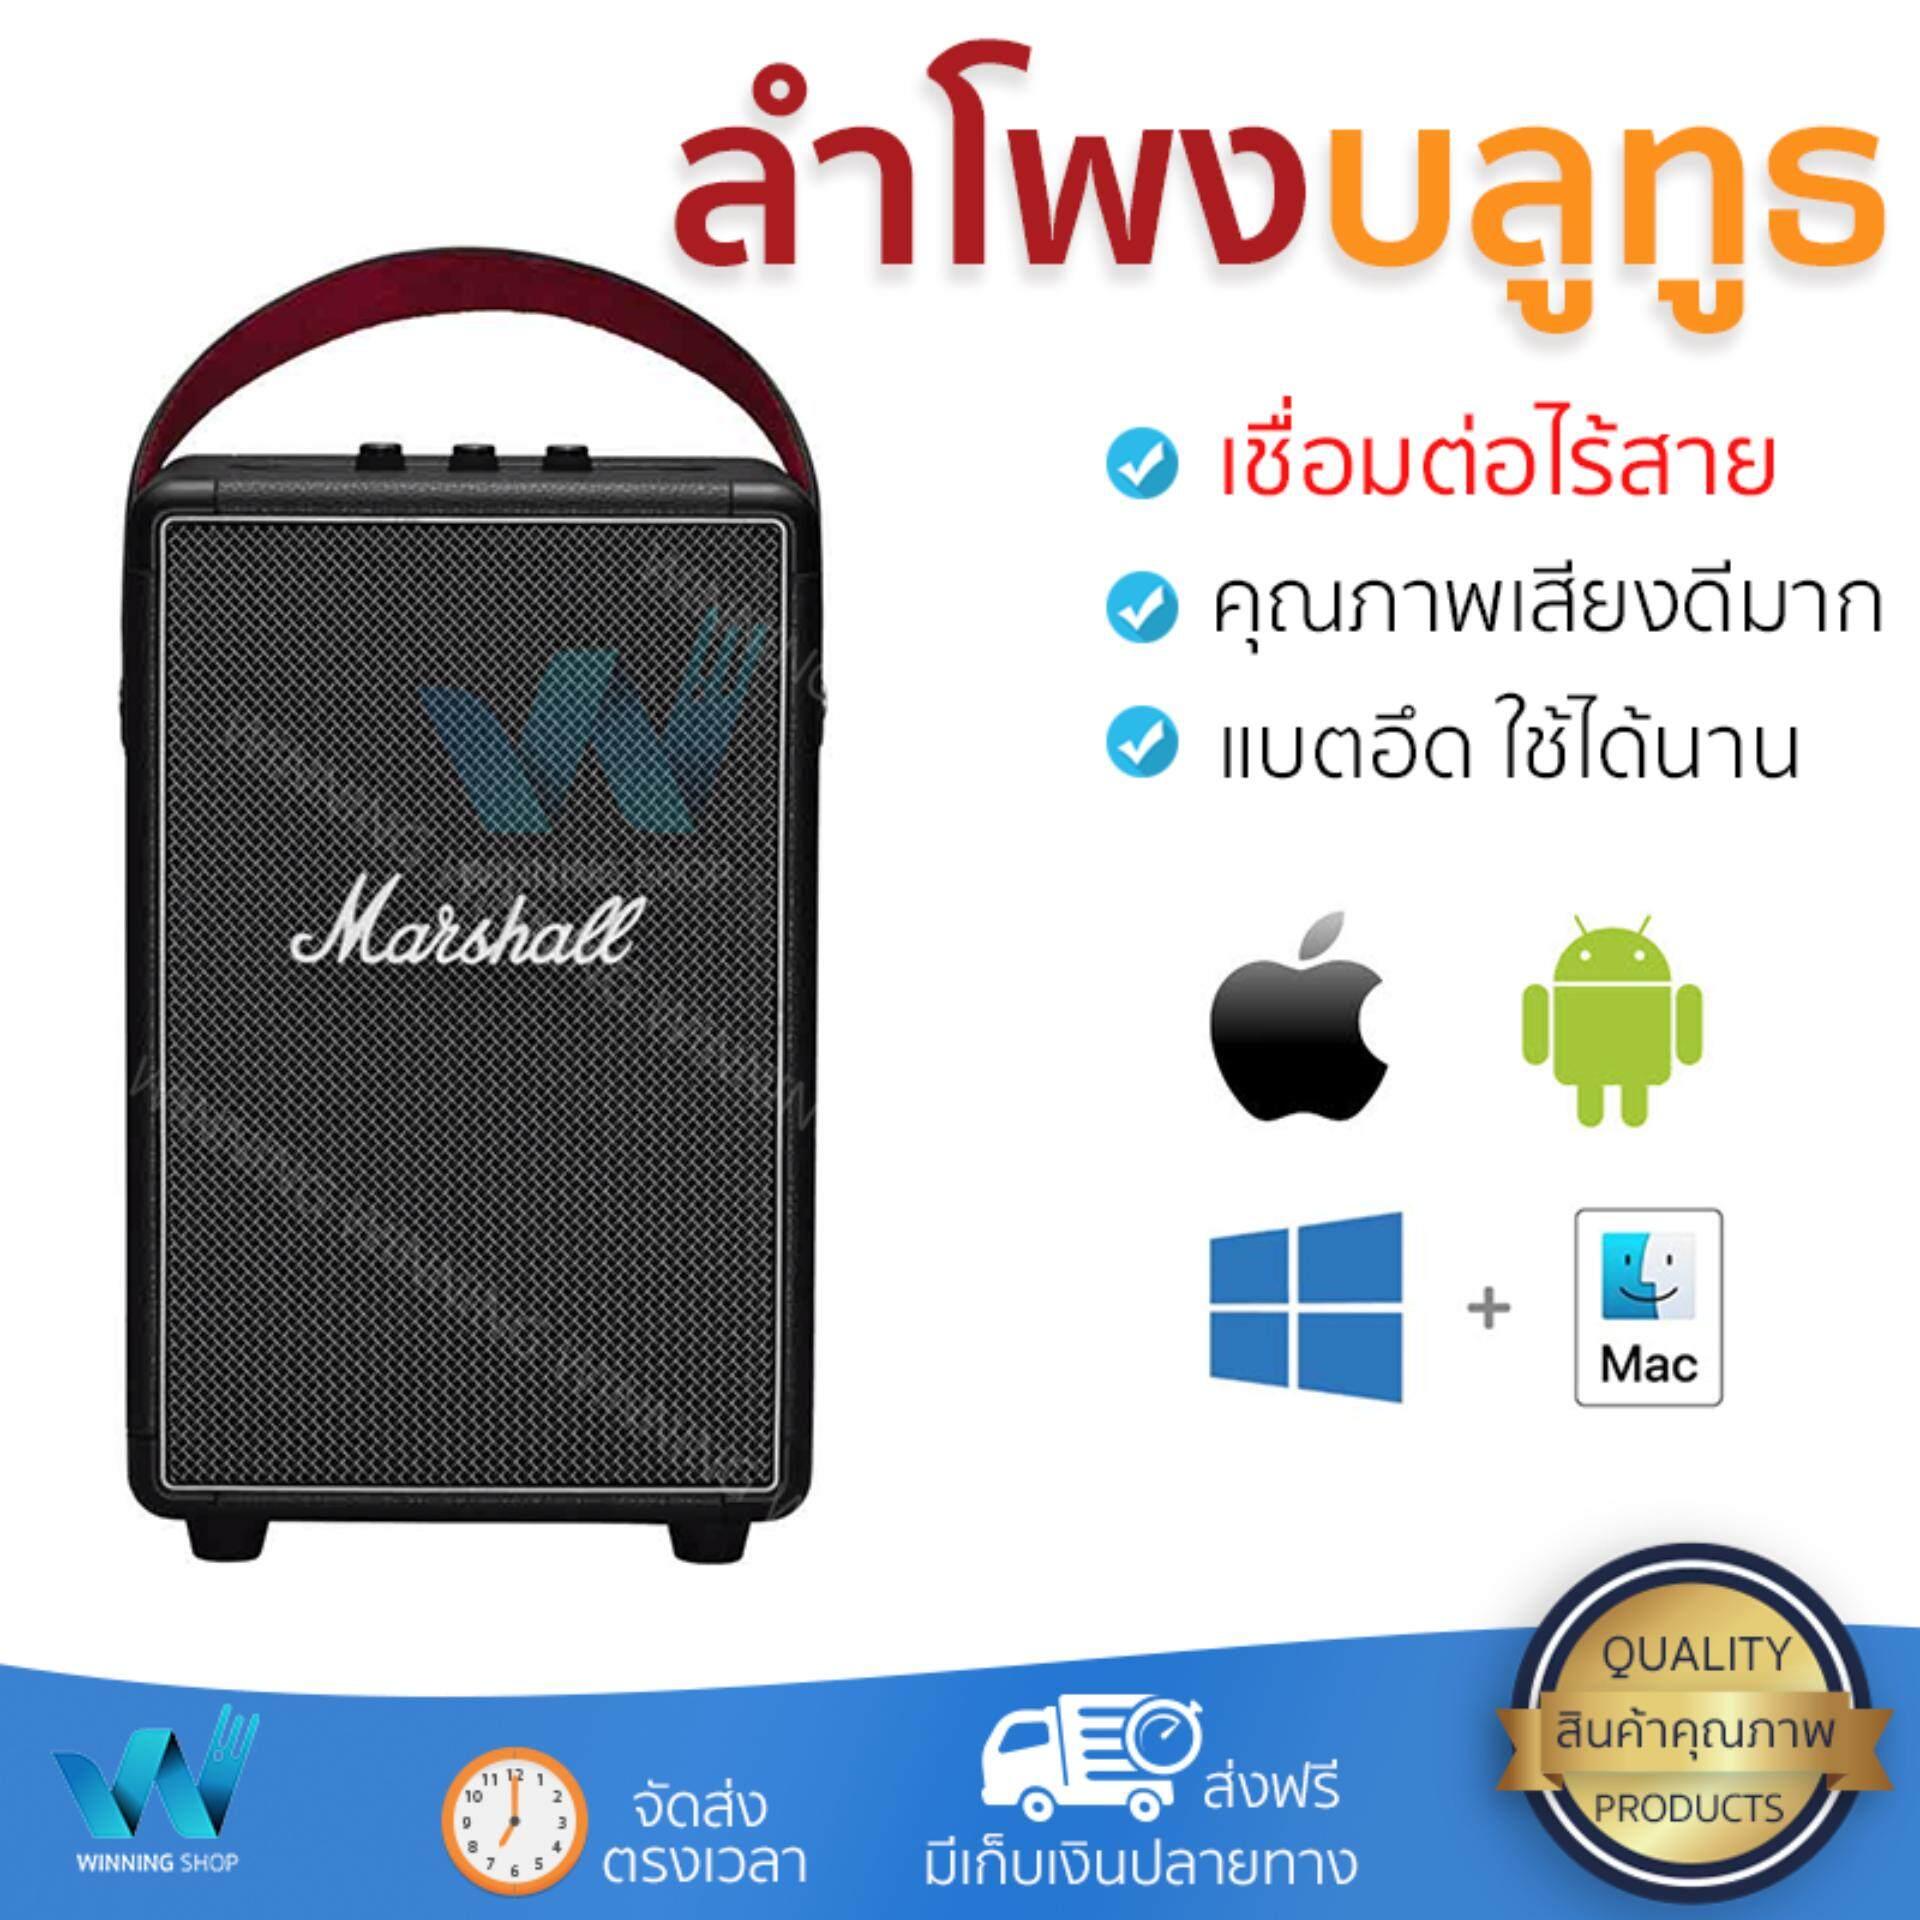 สงขลา จัดส่งฟรี ลำโพงบลูทูธ  Marshall Bluetooth Speaker 2.1 TUFTON Black เสียงใส คุณภาพเกินตัว Wireless Bluetooth Speaker รับประกัน 1 ปี